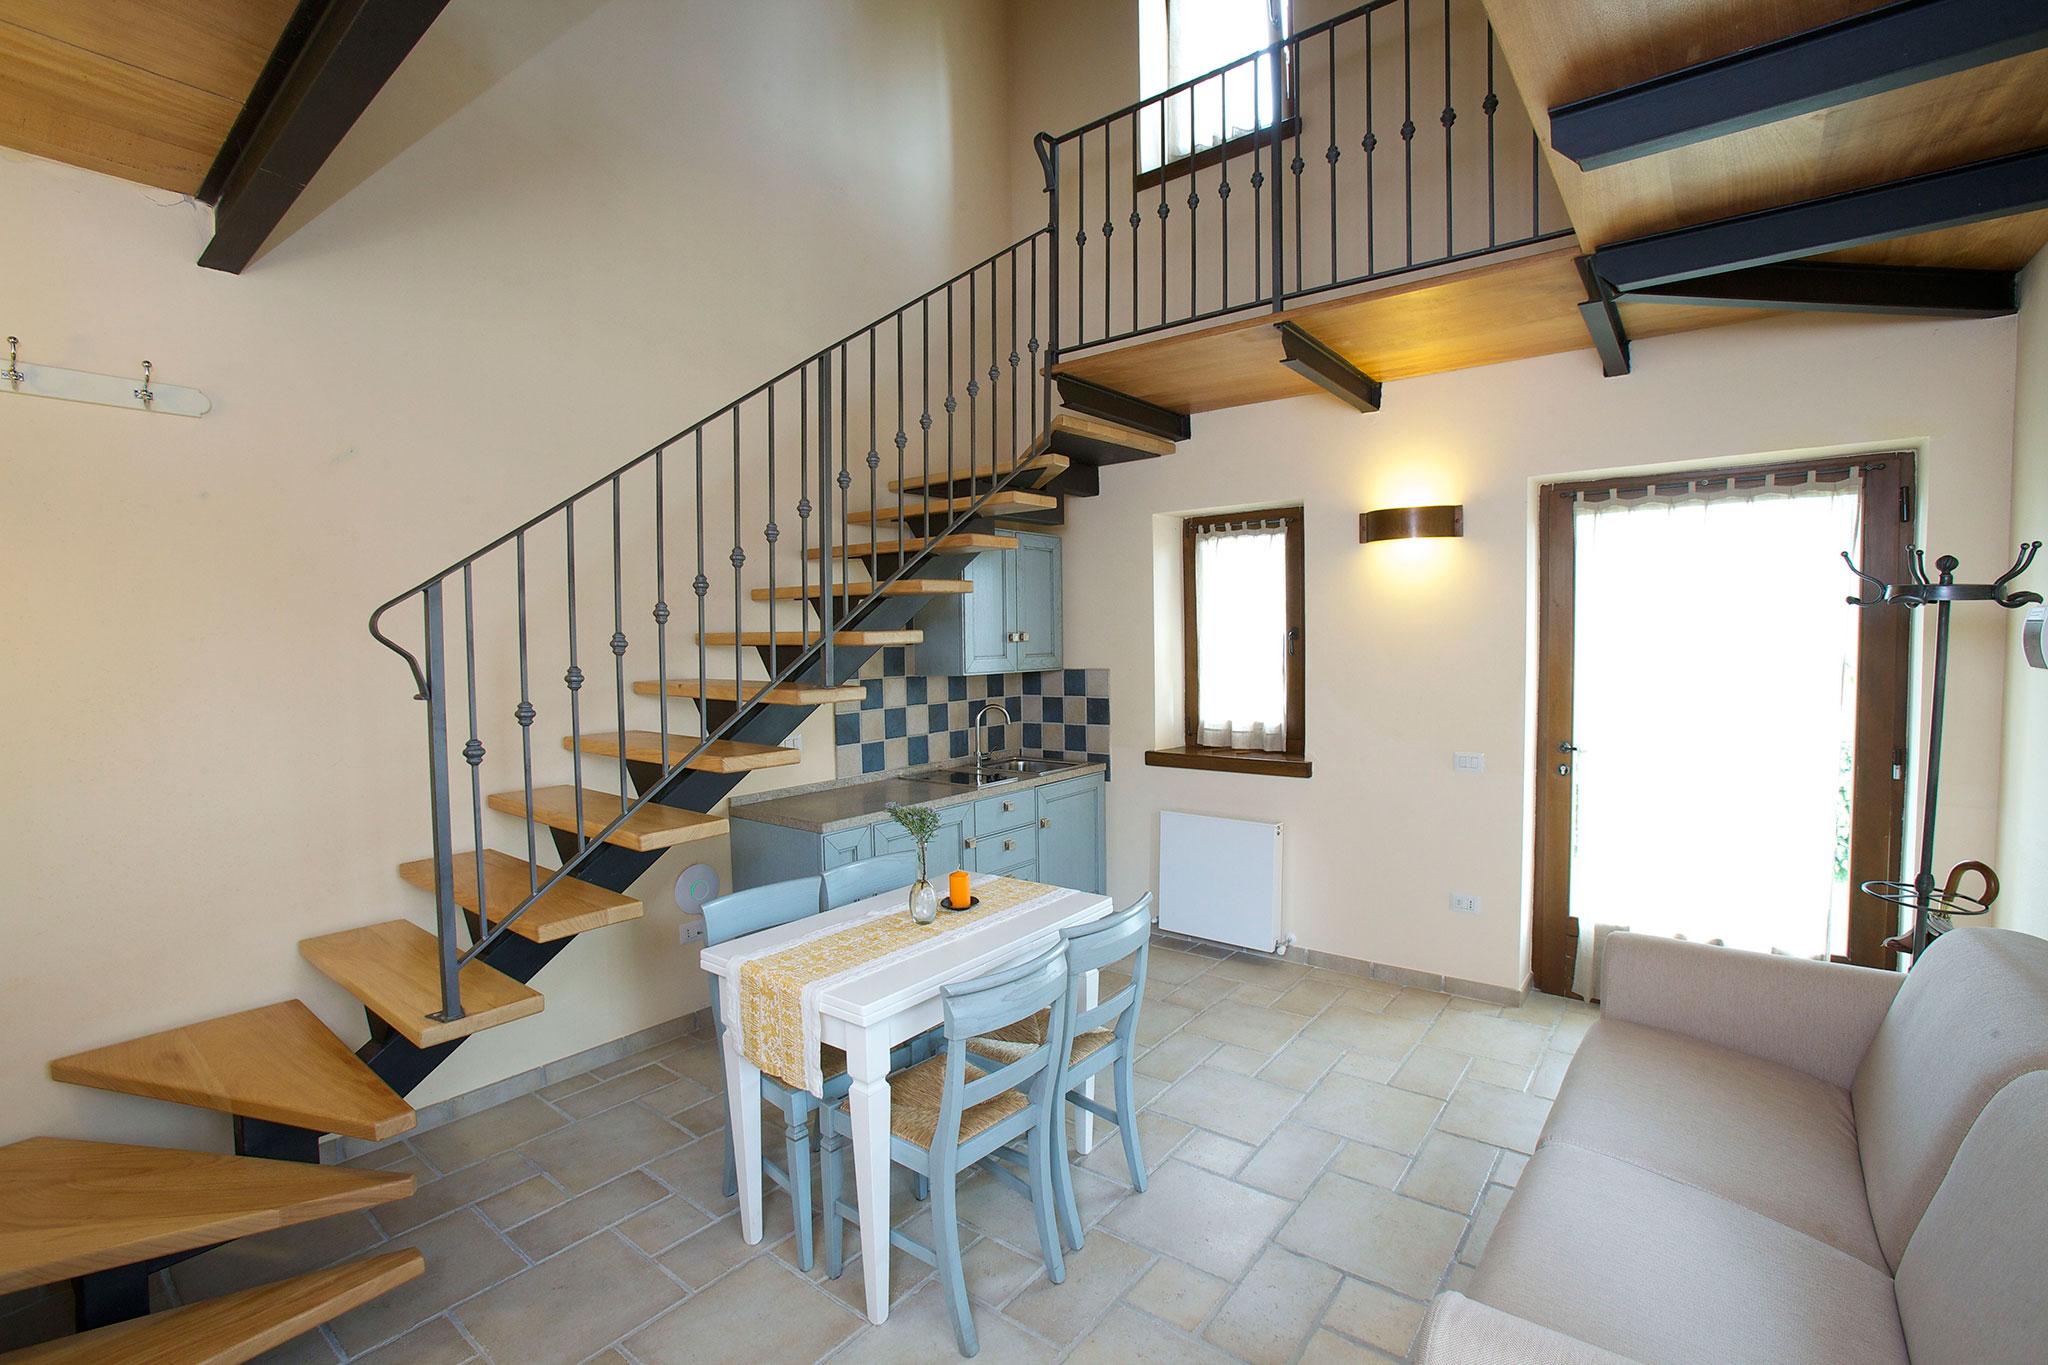 Angolo Cottura Soggiorno : Soggiorno e angolo cottura appartamento lavanda paradiso44